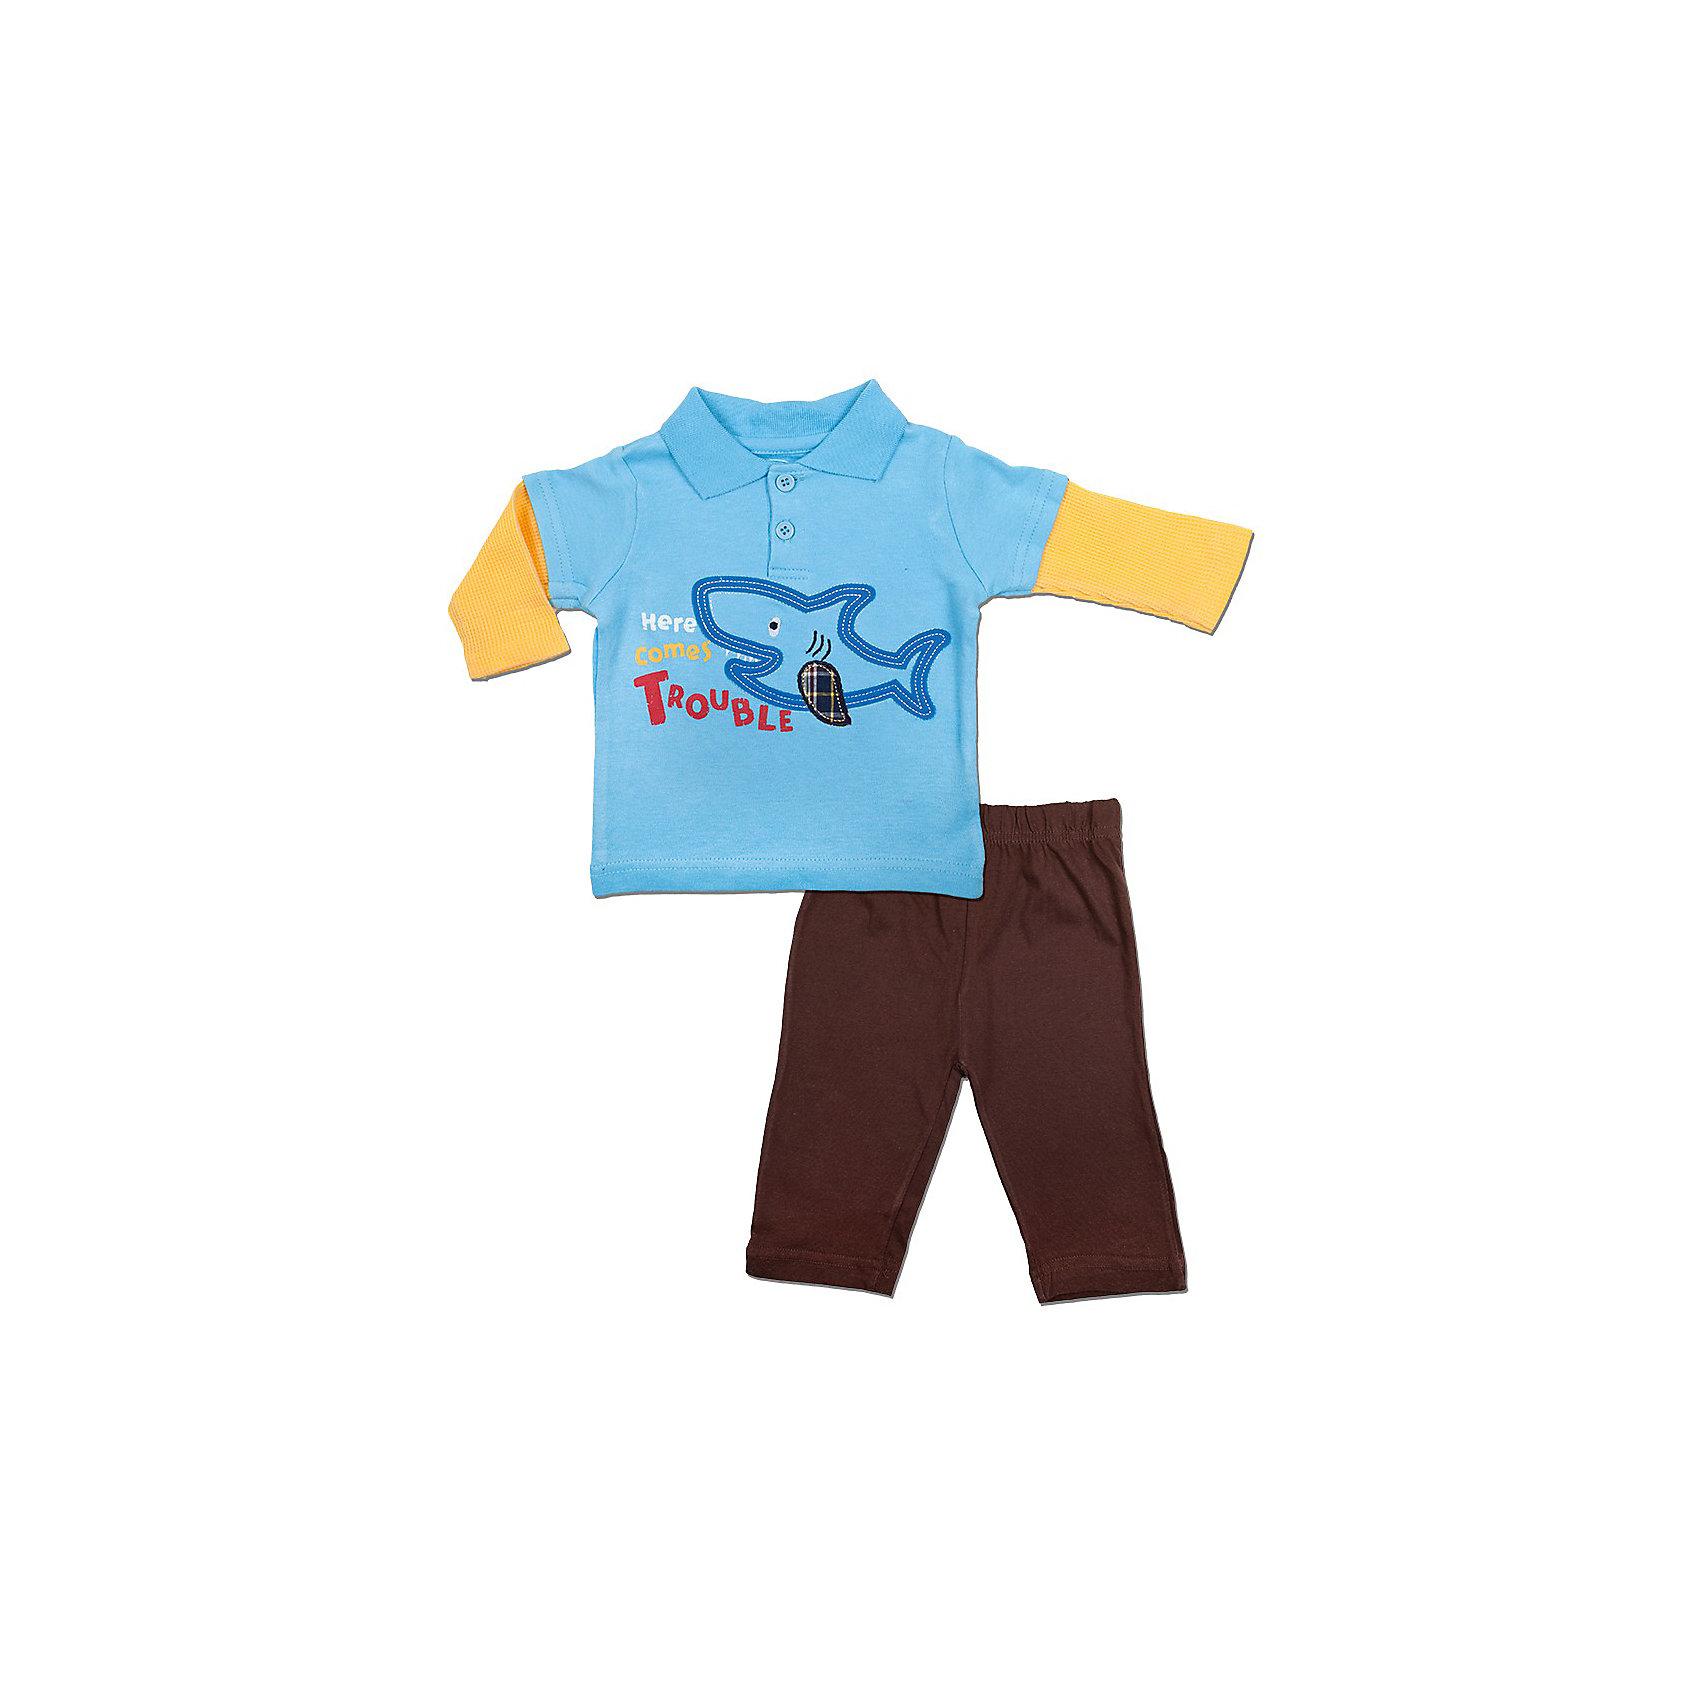 Комплект: футболка-поло и штанишки для мальчика Bon BebeКомплект из двух предметов для новорождённого от торговой марки Bon Bebe. Футболка-поло с длинным рукавом декорирована аппликацией и принтом спереди. Однотонные штанишки имеют свободный крой, фиксируются за счёт эластичной резинки, не сдавливая и не доставляя дискомфорта. Удобный и практичный комплект для новорождённого на каждый день!<br>Состав:<br>100% хлопок<br><br>Ширина мм: 157<br>Глубина мм: 13<br>Высота мм: 119<br>Вес г: 200<br>Цвет: голубовато коричневый<br>Возраст от месяцев: 0<br>Возраст до месяцев: 3<br>Пол: Мужской<br>Возраст: Детский<br>Размер: 45-61,61-66,66-76<br>SKU: 3401170